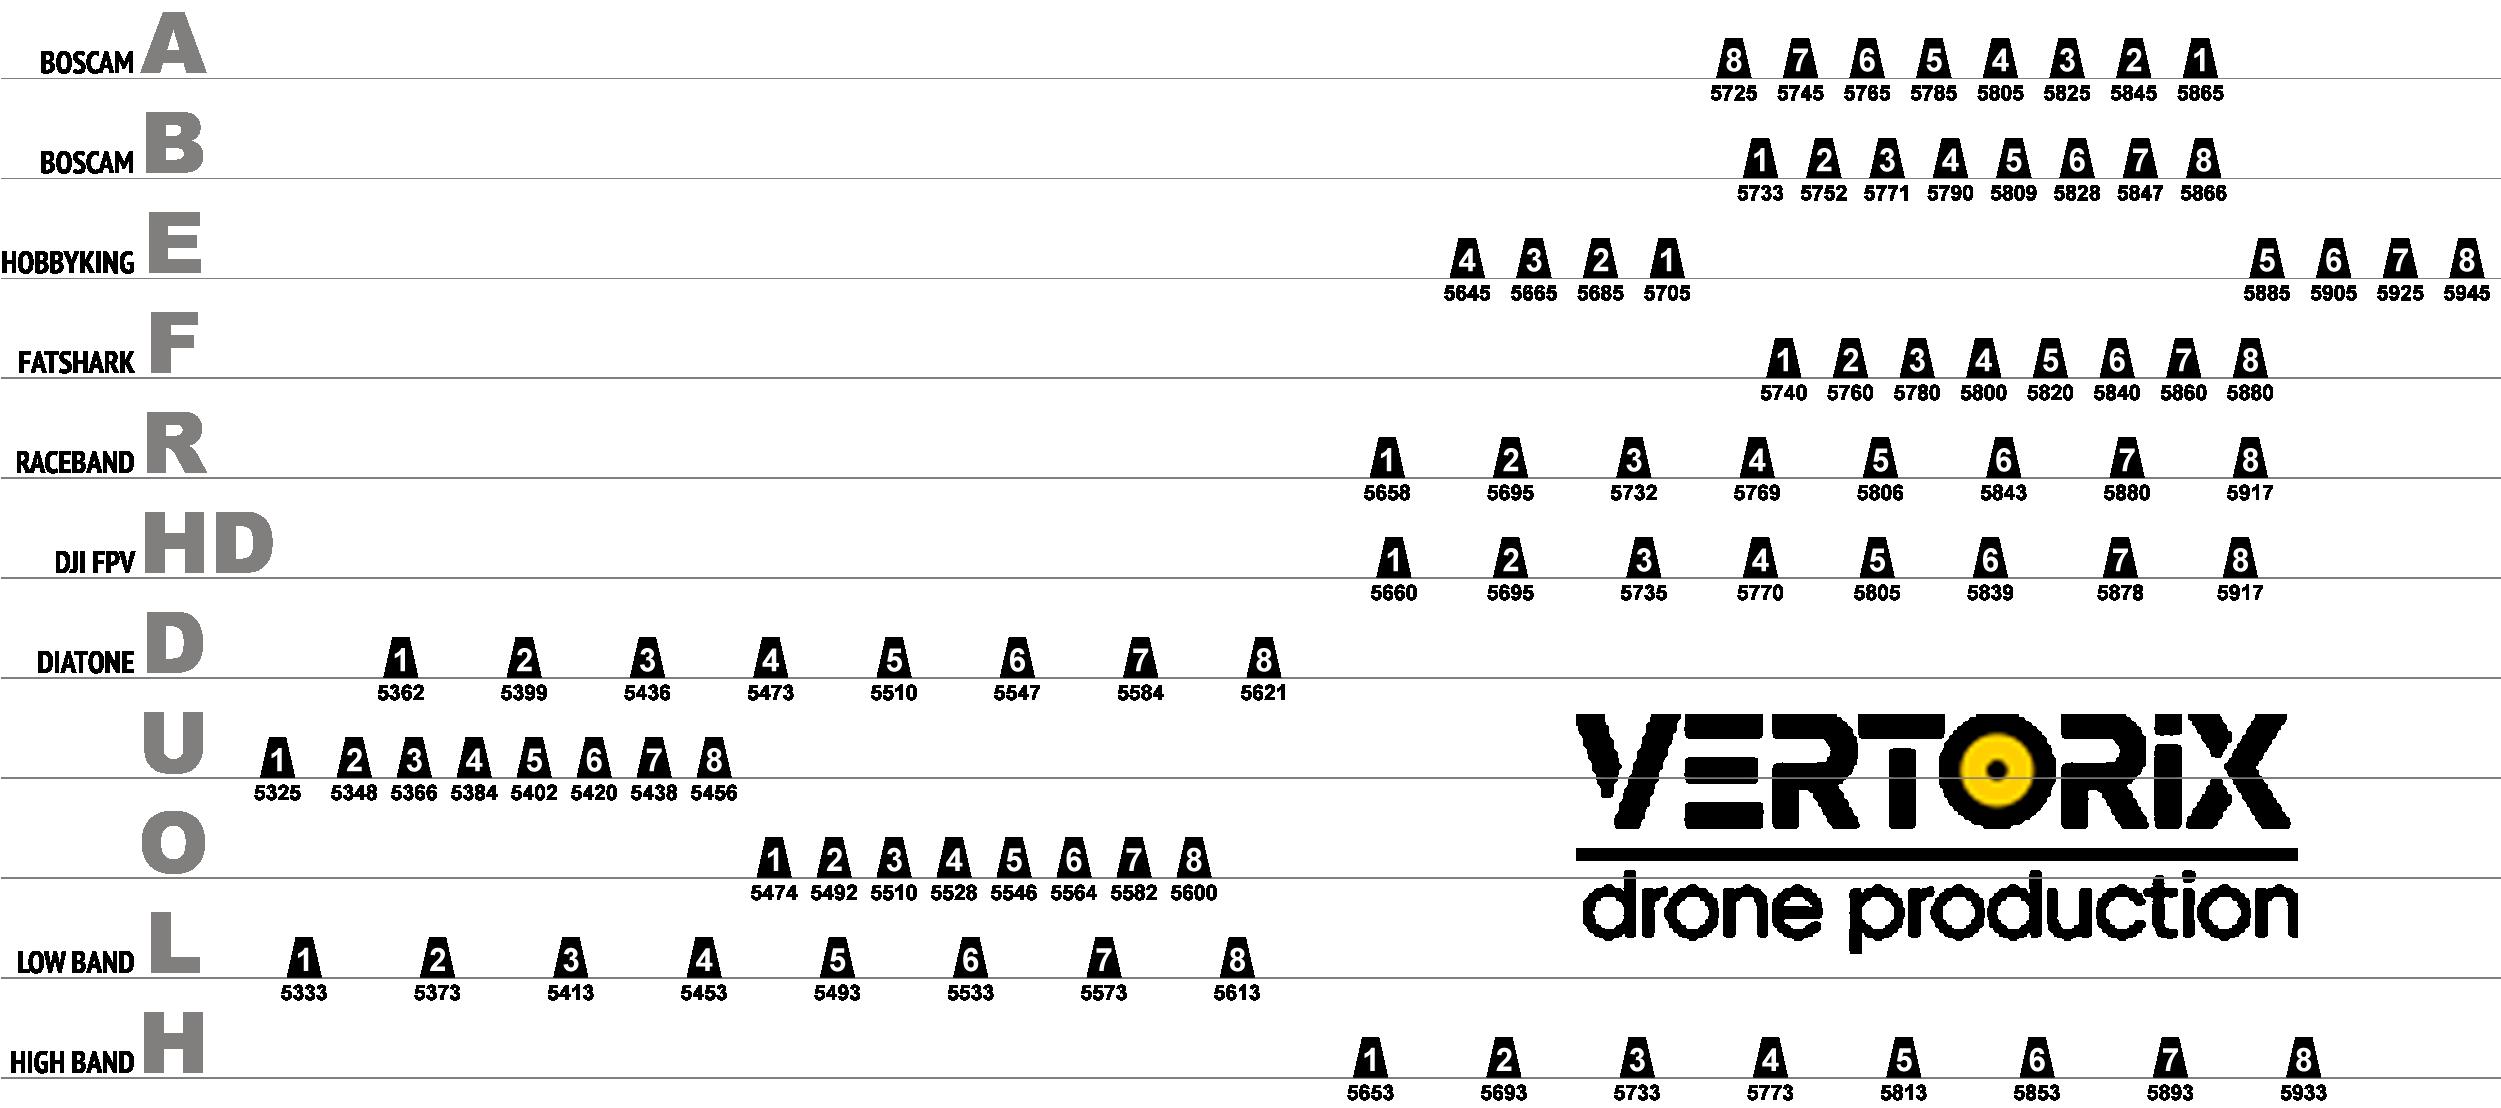 Сетка совместимости FPV каналов в диапазоне 5.8Ггц